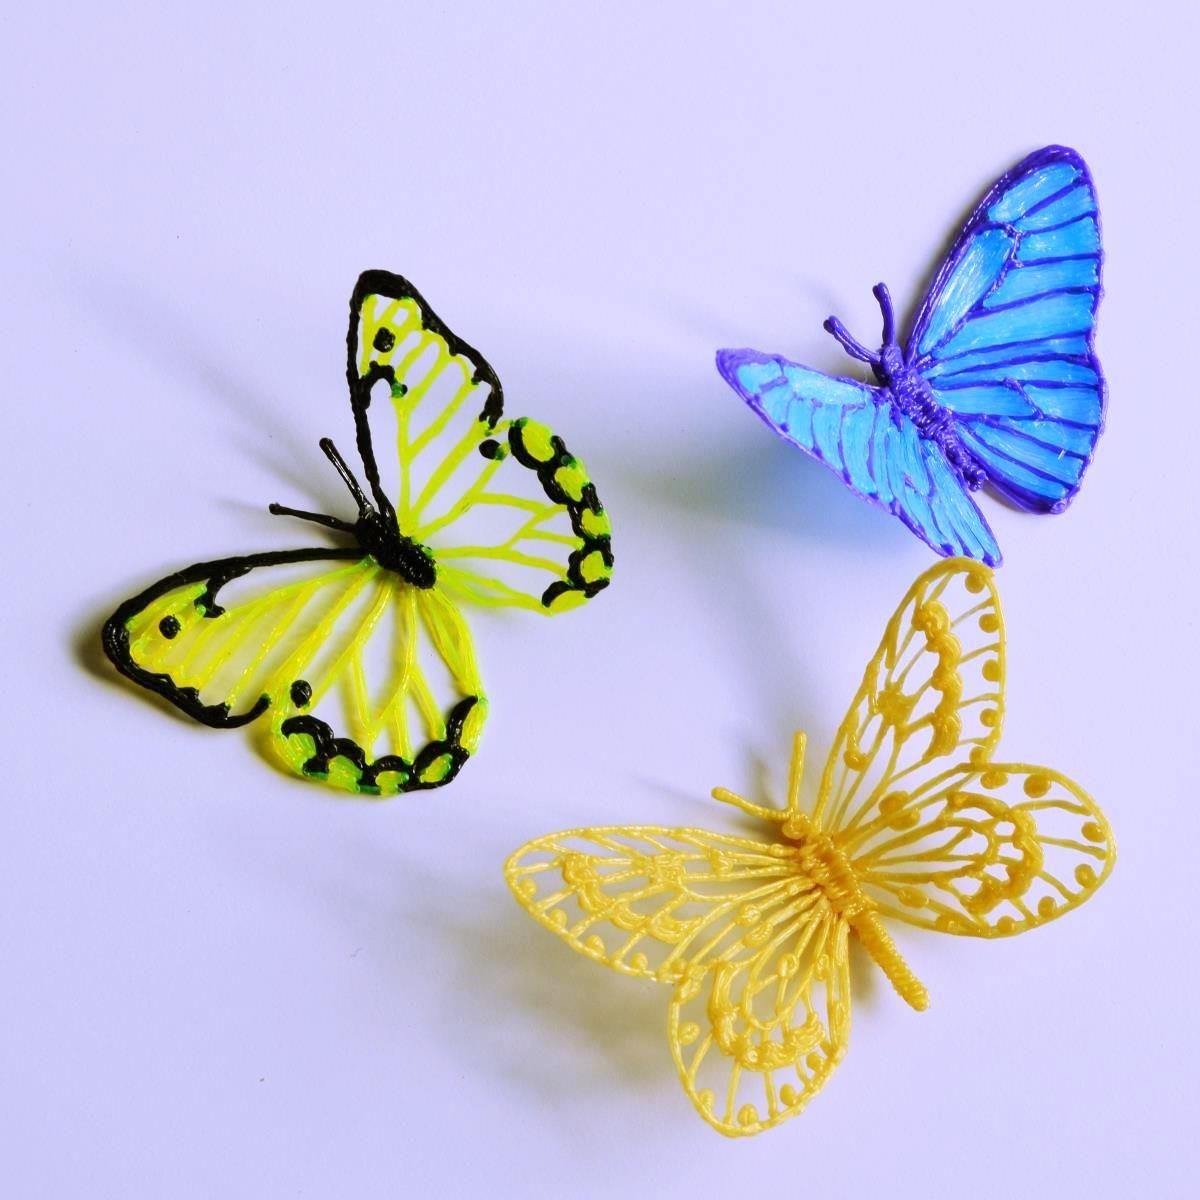 Dessiner un papillon au stylo 3d par maypop studio stylo 3d stylo 3d dessin stylo et creatif - Dessine un papillon ...